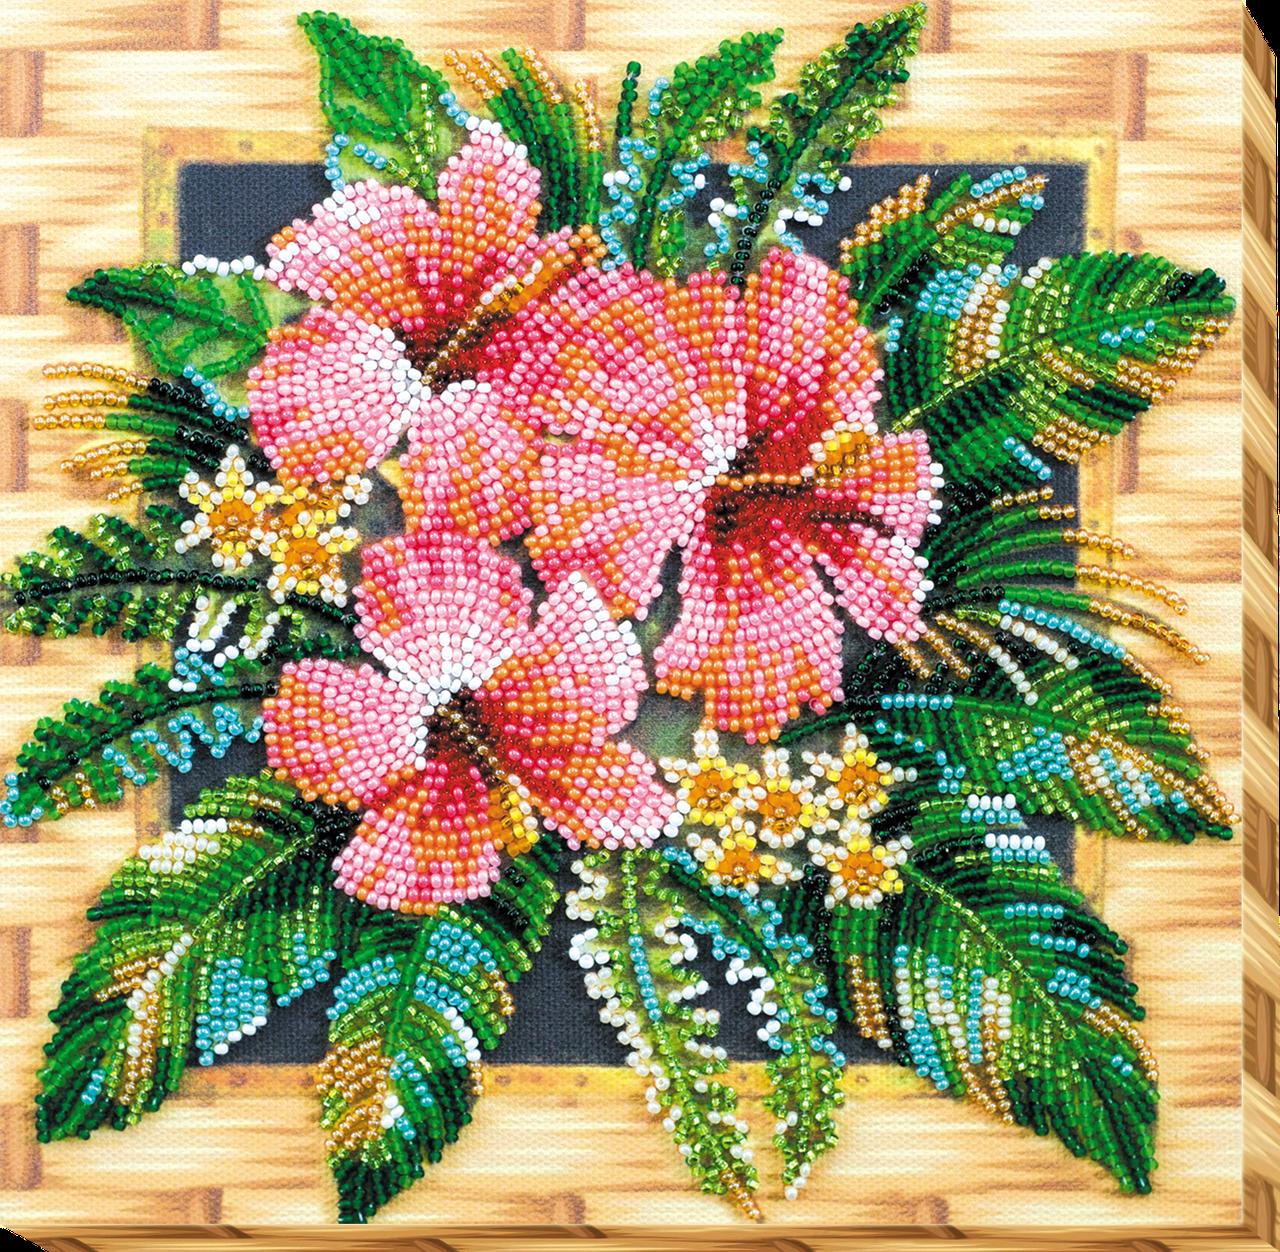 Набор-миди для вышивки бисером Цветы Танзании (20 х 20 см) Абрис Арт AMB-026